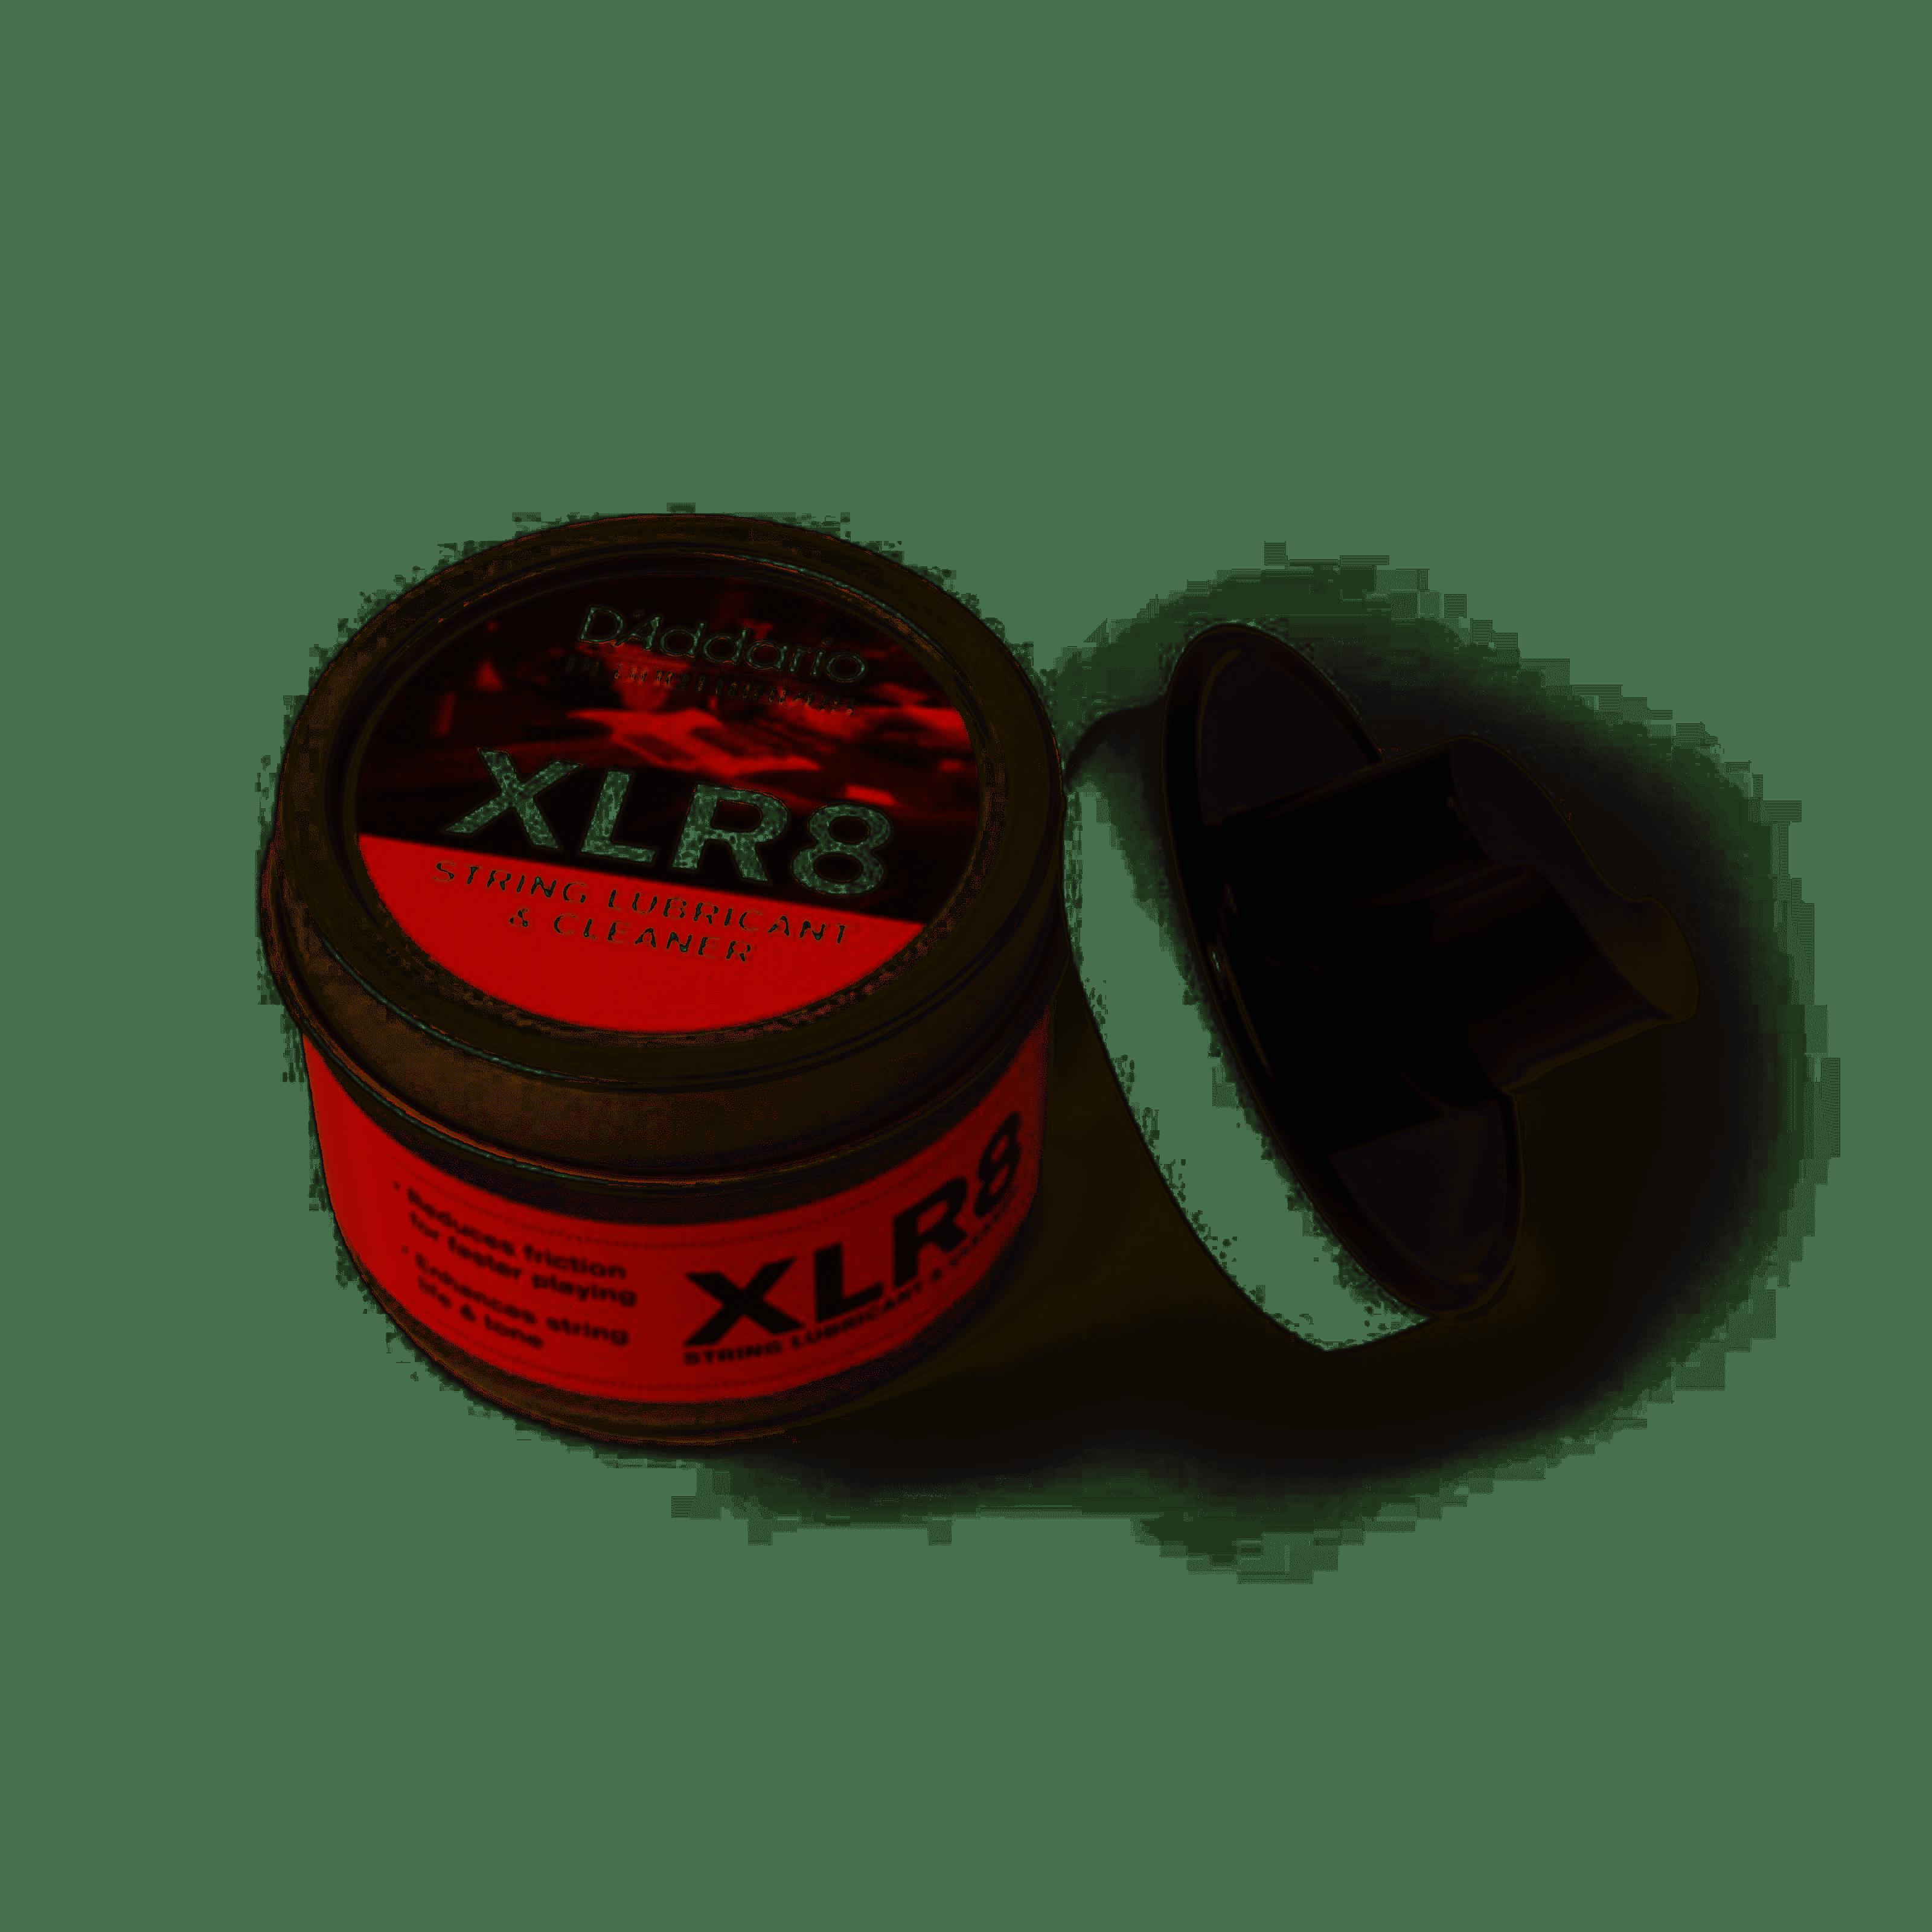 D'ADDARIO XLR8 String lubricant